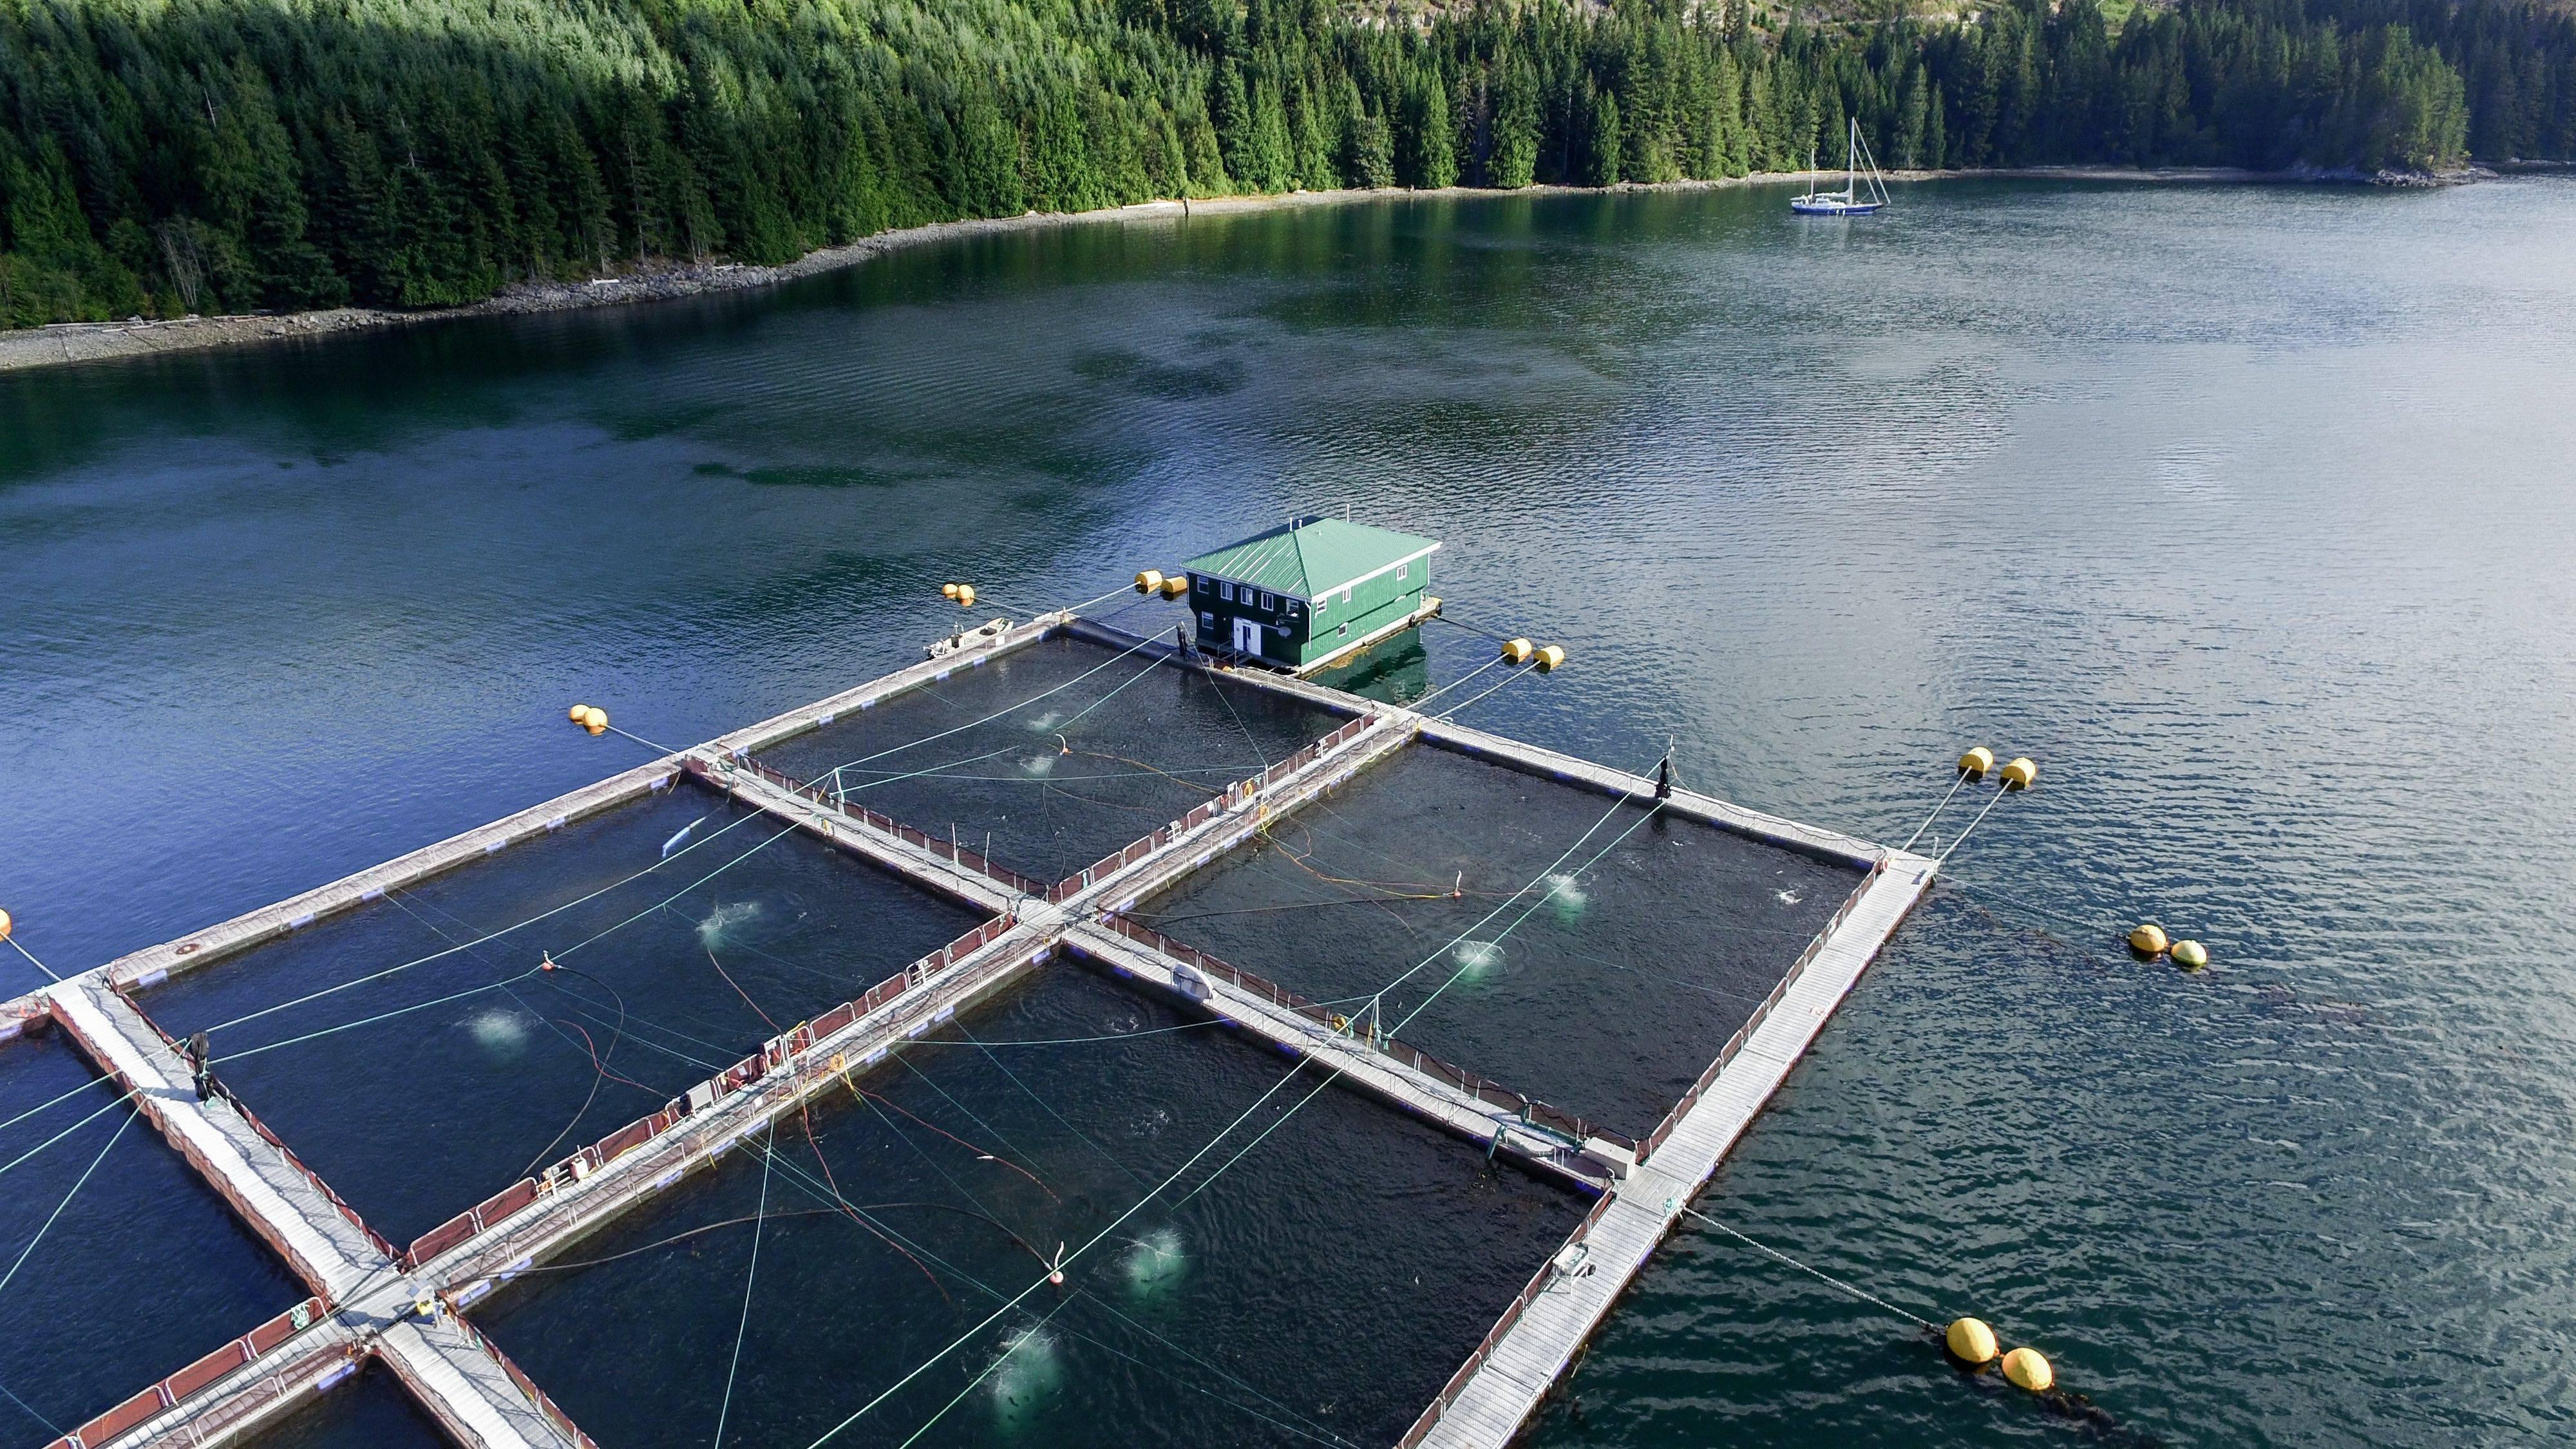 Озеро лютце в серпухове — рыбалка, цена, отзывы, официальный сайт, домики, на карте, как добраться